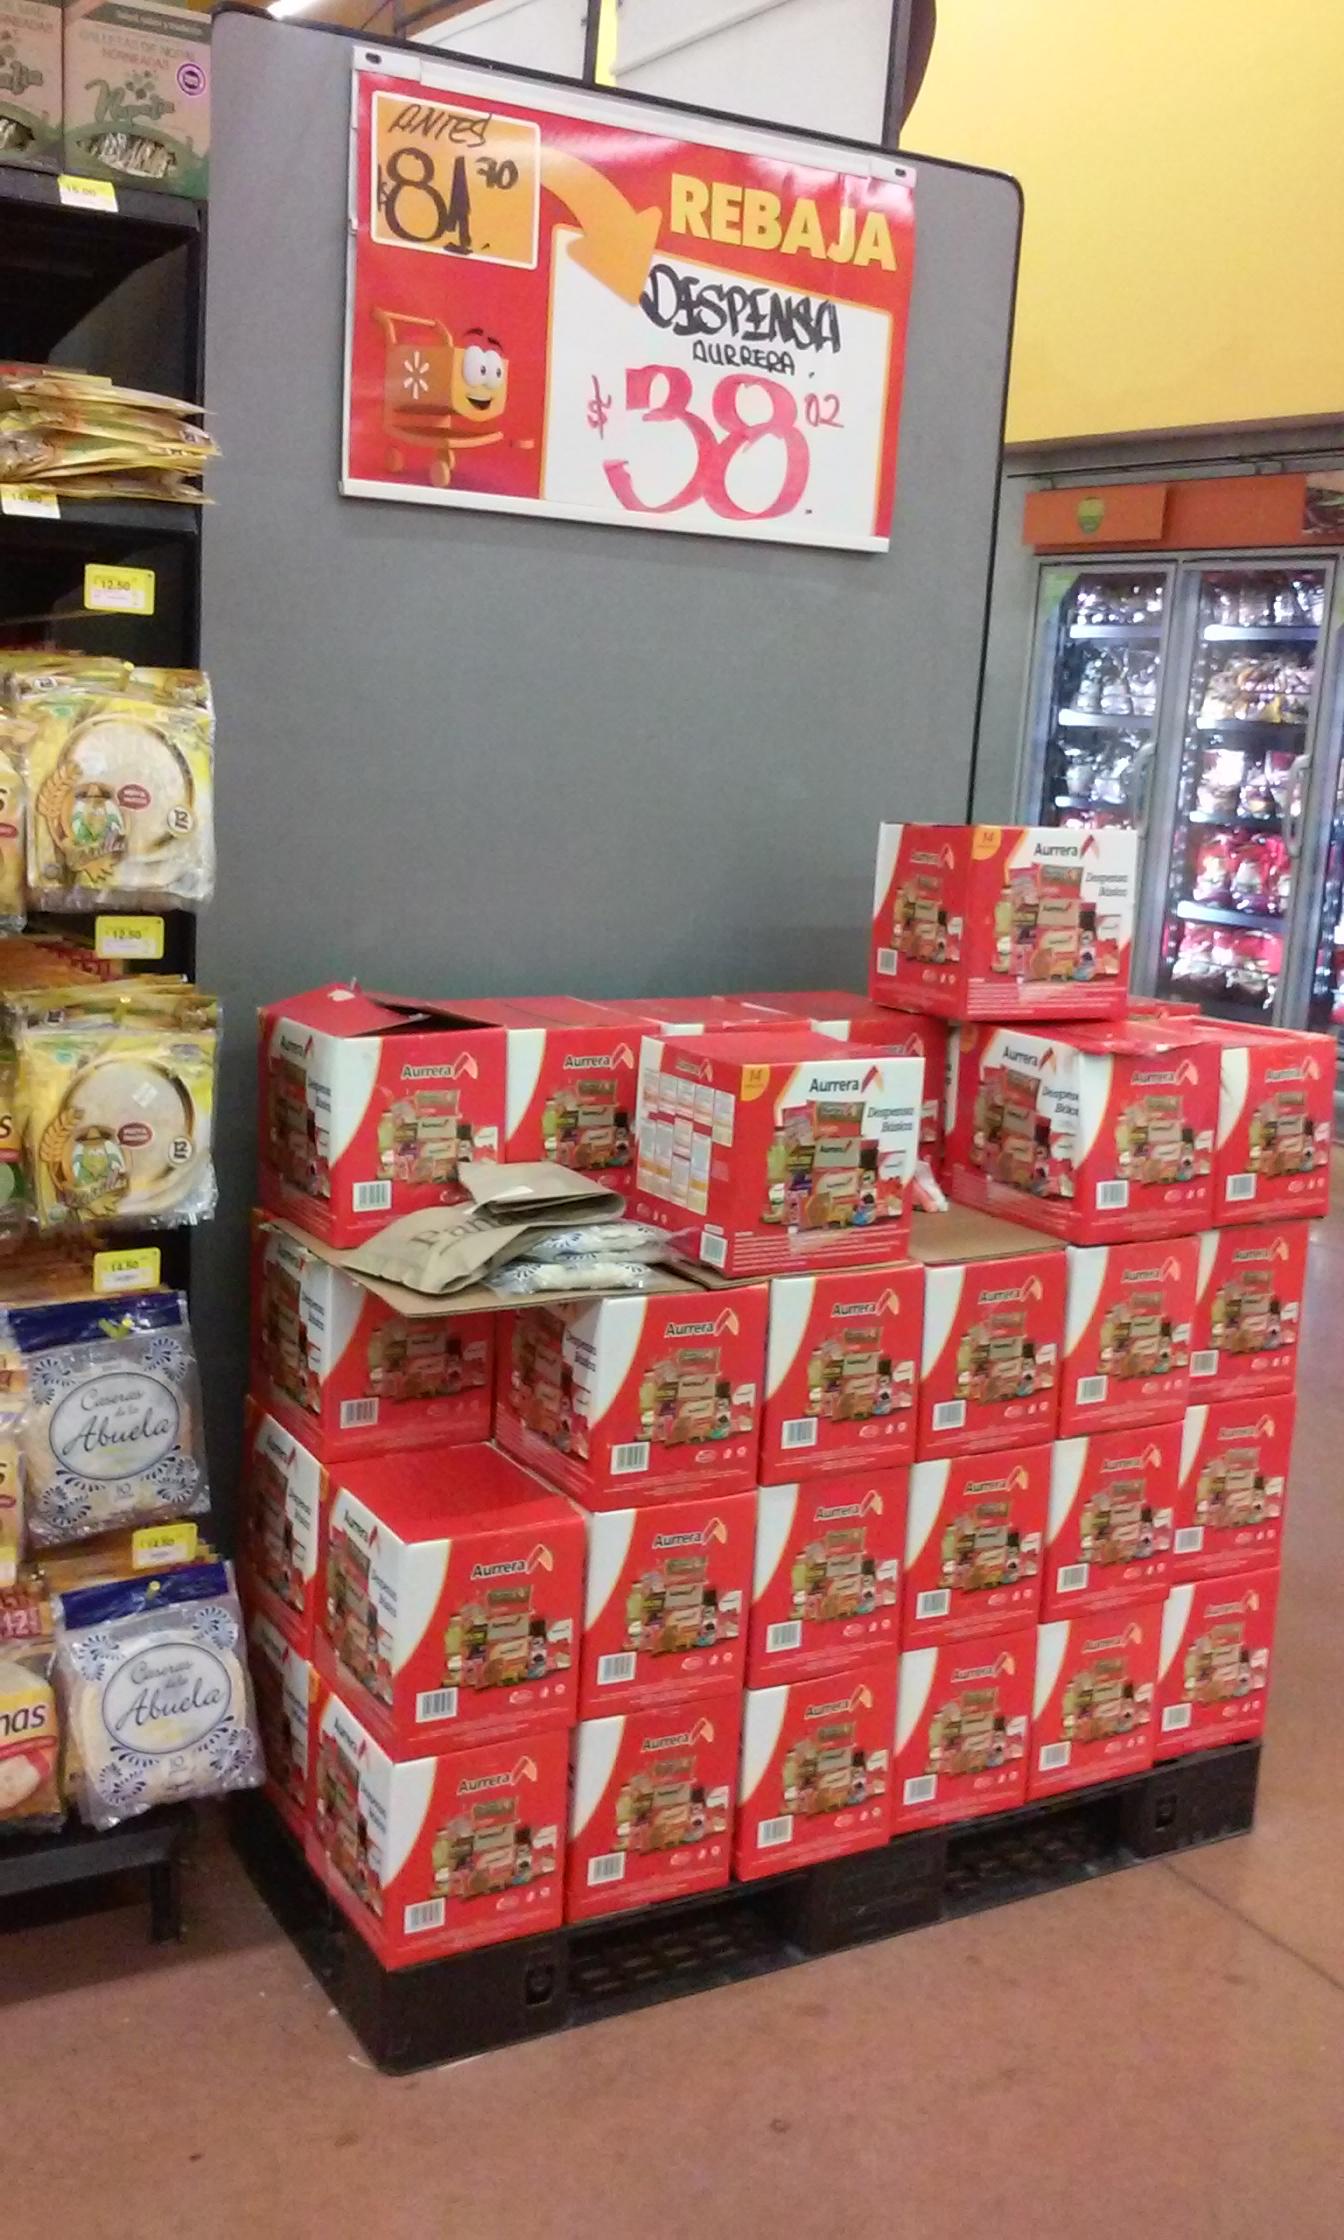 Walmart: Segunda rebaja en despensas de $81.70 en $38.02